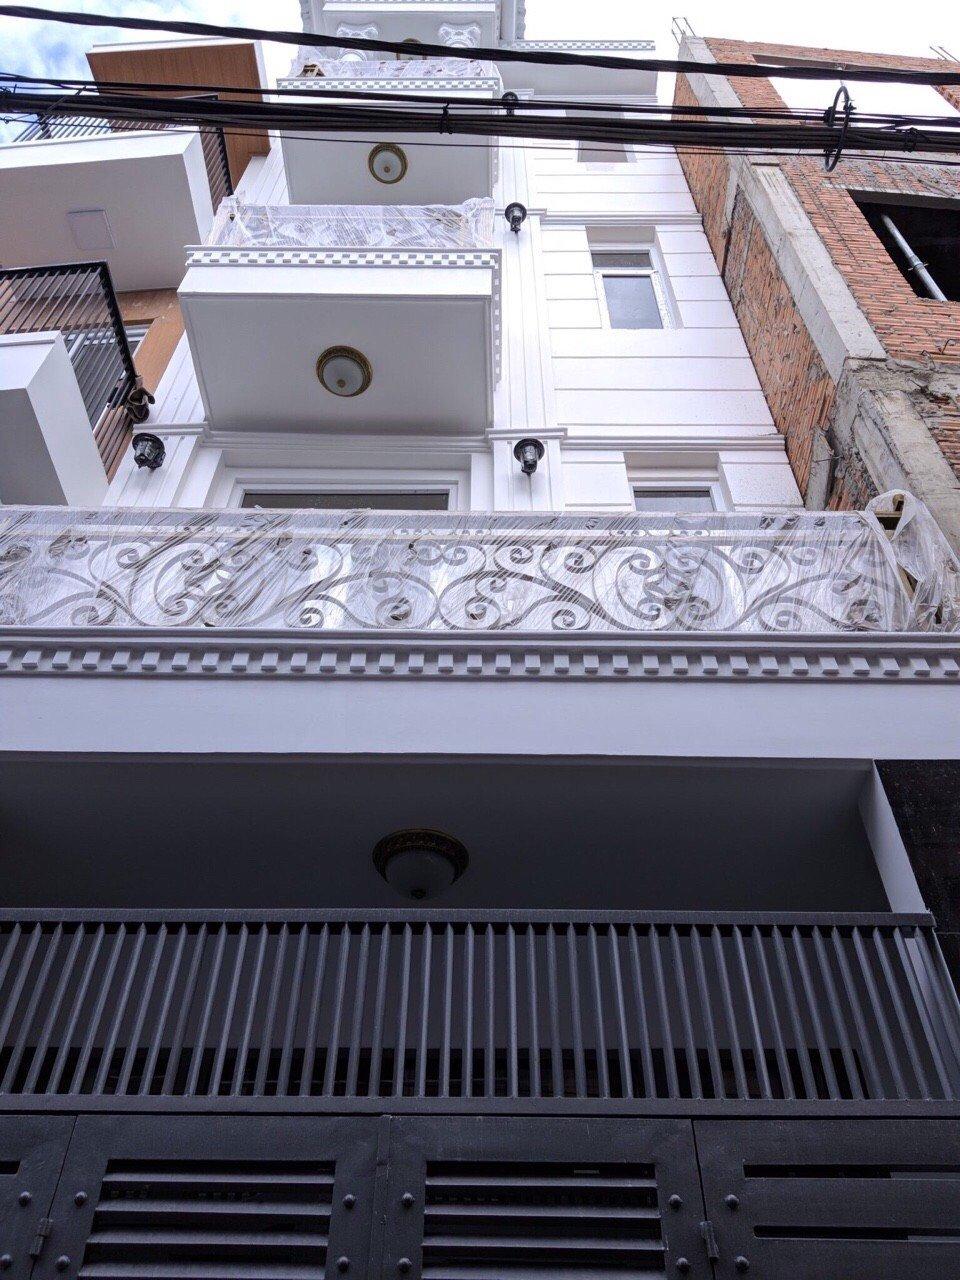 Bán nhà siêu đẹp chuẩn châu âu HXH Quang Trung, tặng nội thất,giá siêu đẹp